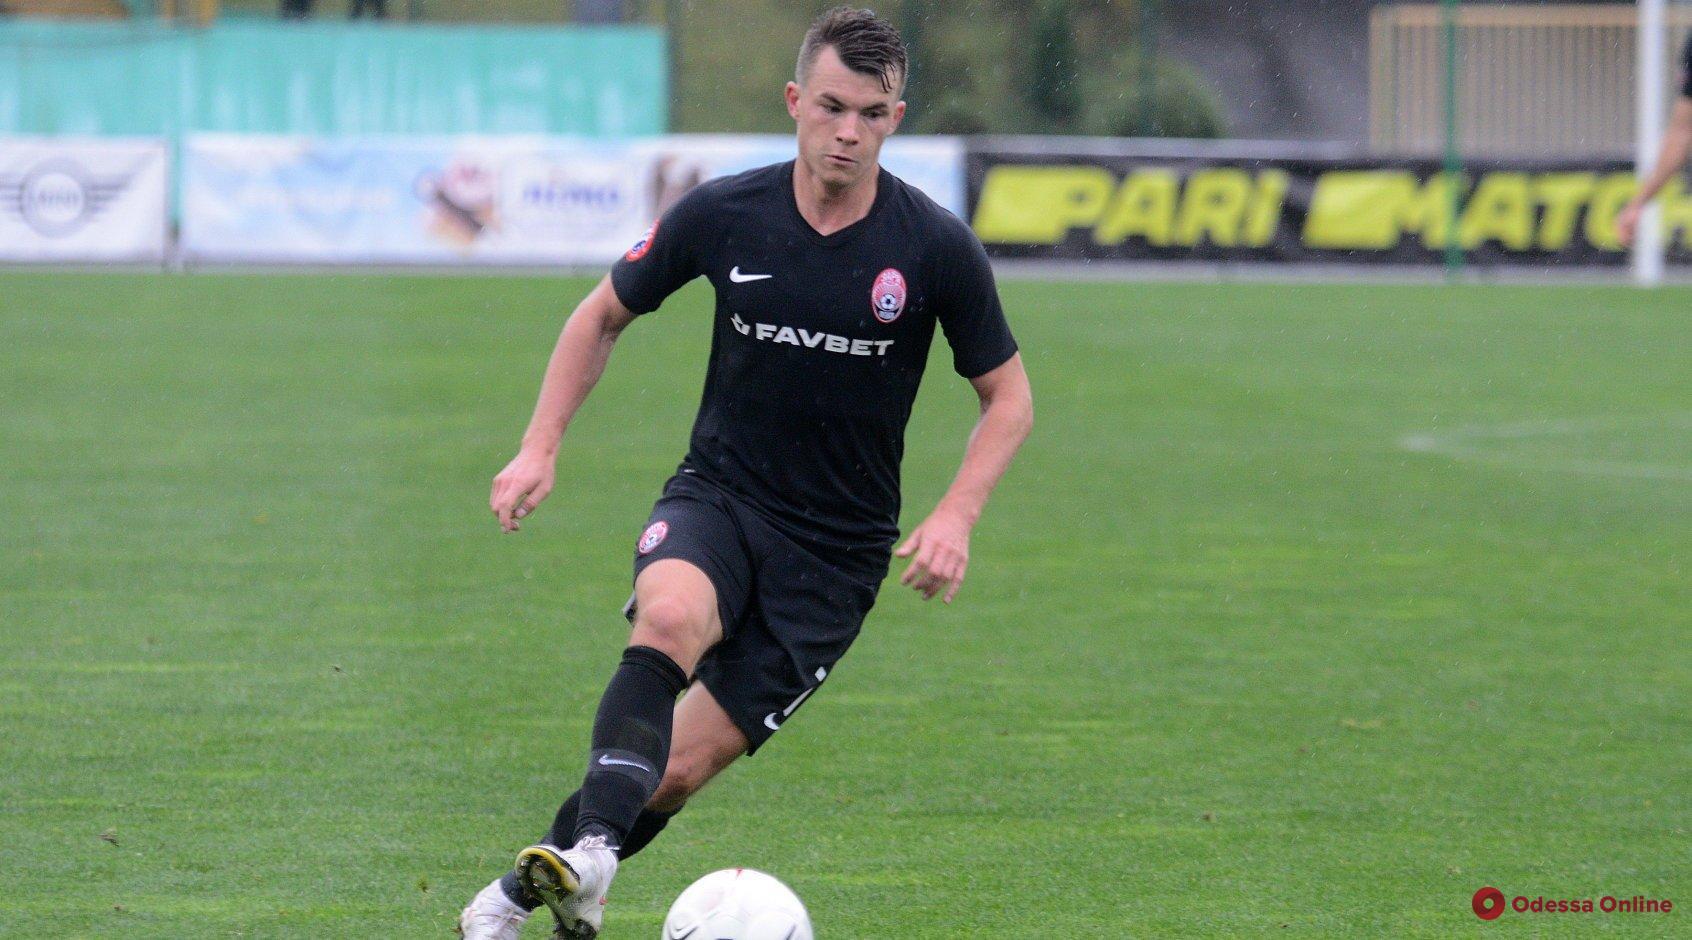 Одесский футболист оформил первый хет-трик в новом сезоне Премьер-лиги